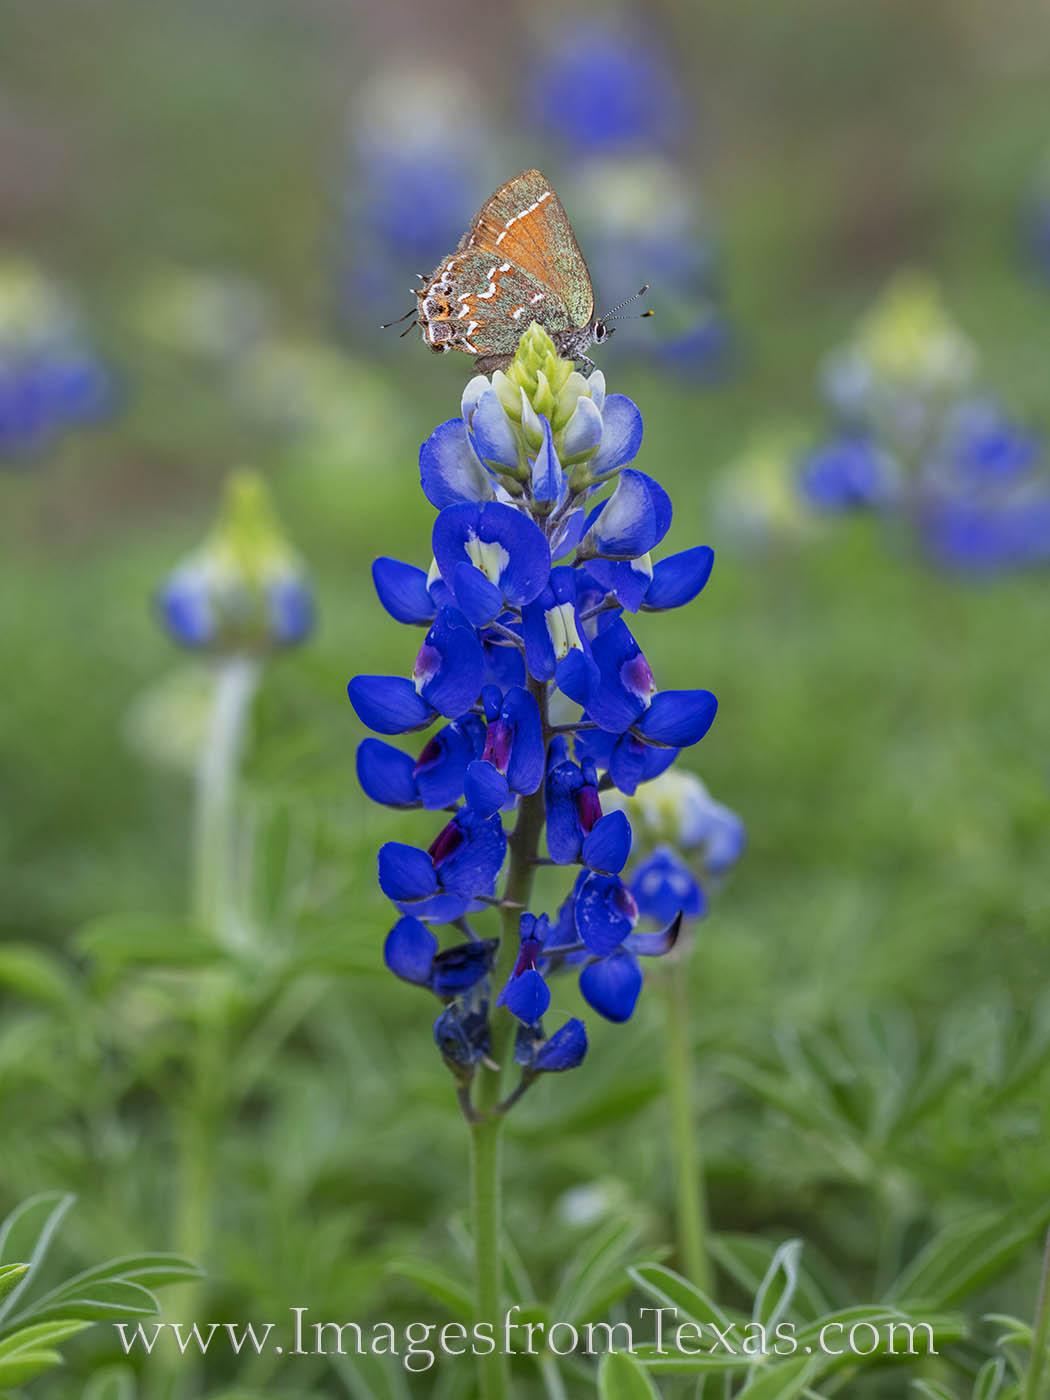 bluebonnet, butterfly, wildflowers, texas wildflowers, texas bluebonnets, hill country, texas hill country, photo